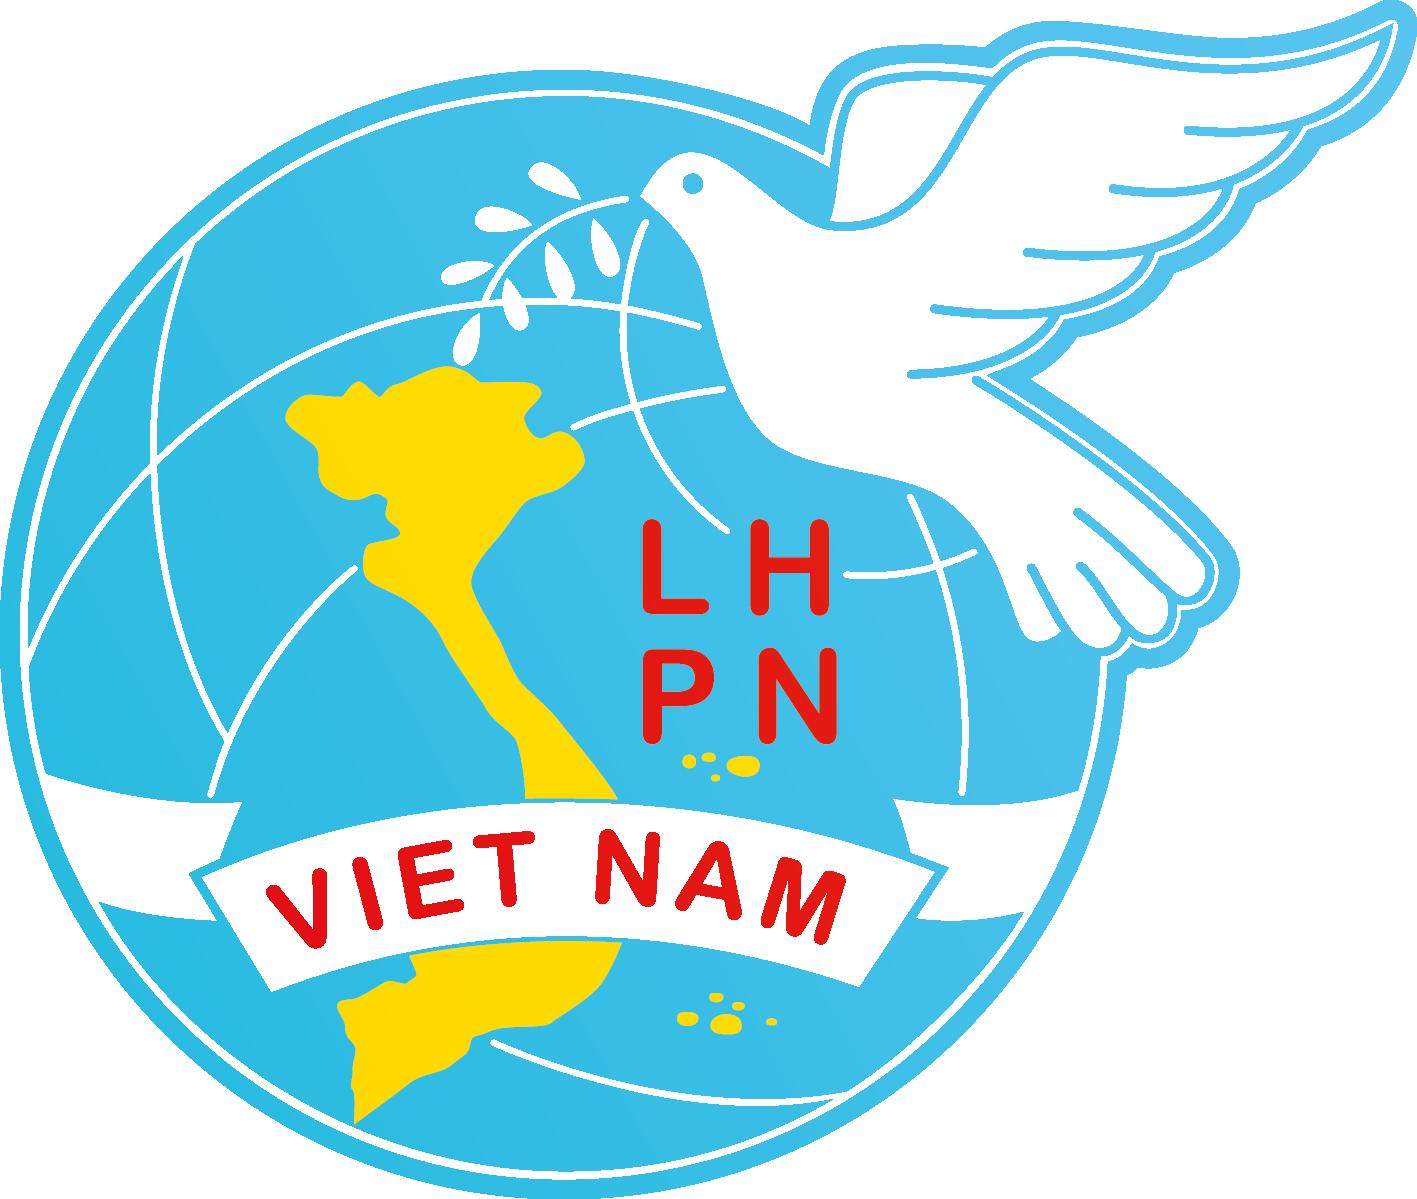 Đề cương tuyên truyền kỷ niệm 110 năm ngày sinh đồng chí Nguyễn Duy Trinh, lãnh đạo tiền bối tiêu biểu của Đảng và cách mạng Việt Nam (15/7/1910 - 15/7/2020)